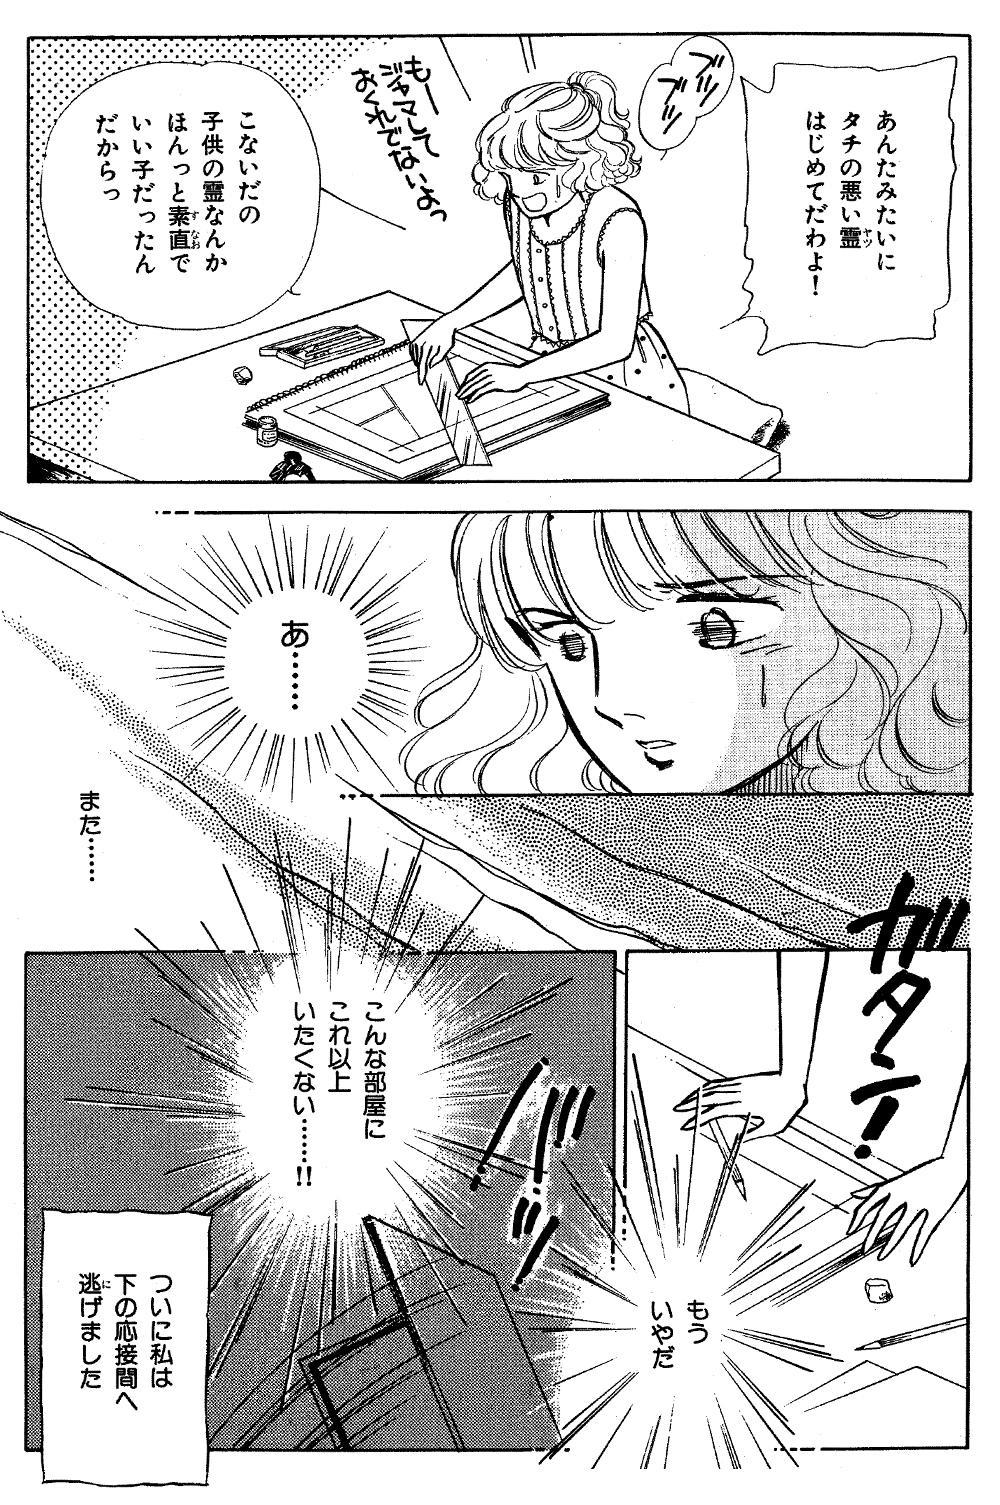 魔百合の恐怖報告 第1話「部屋の隅の白い影」②mayuri19.jpg